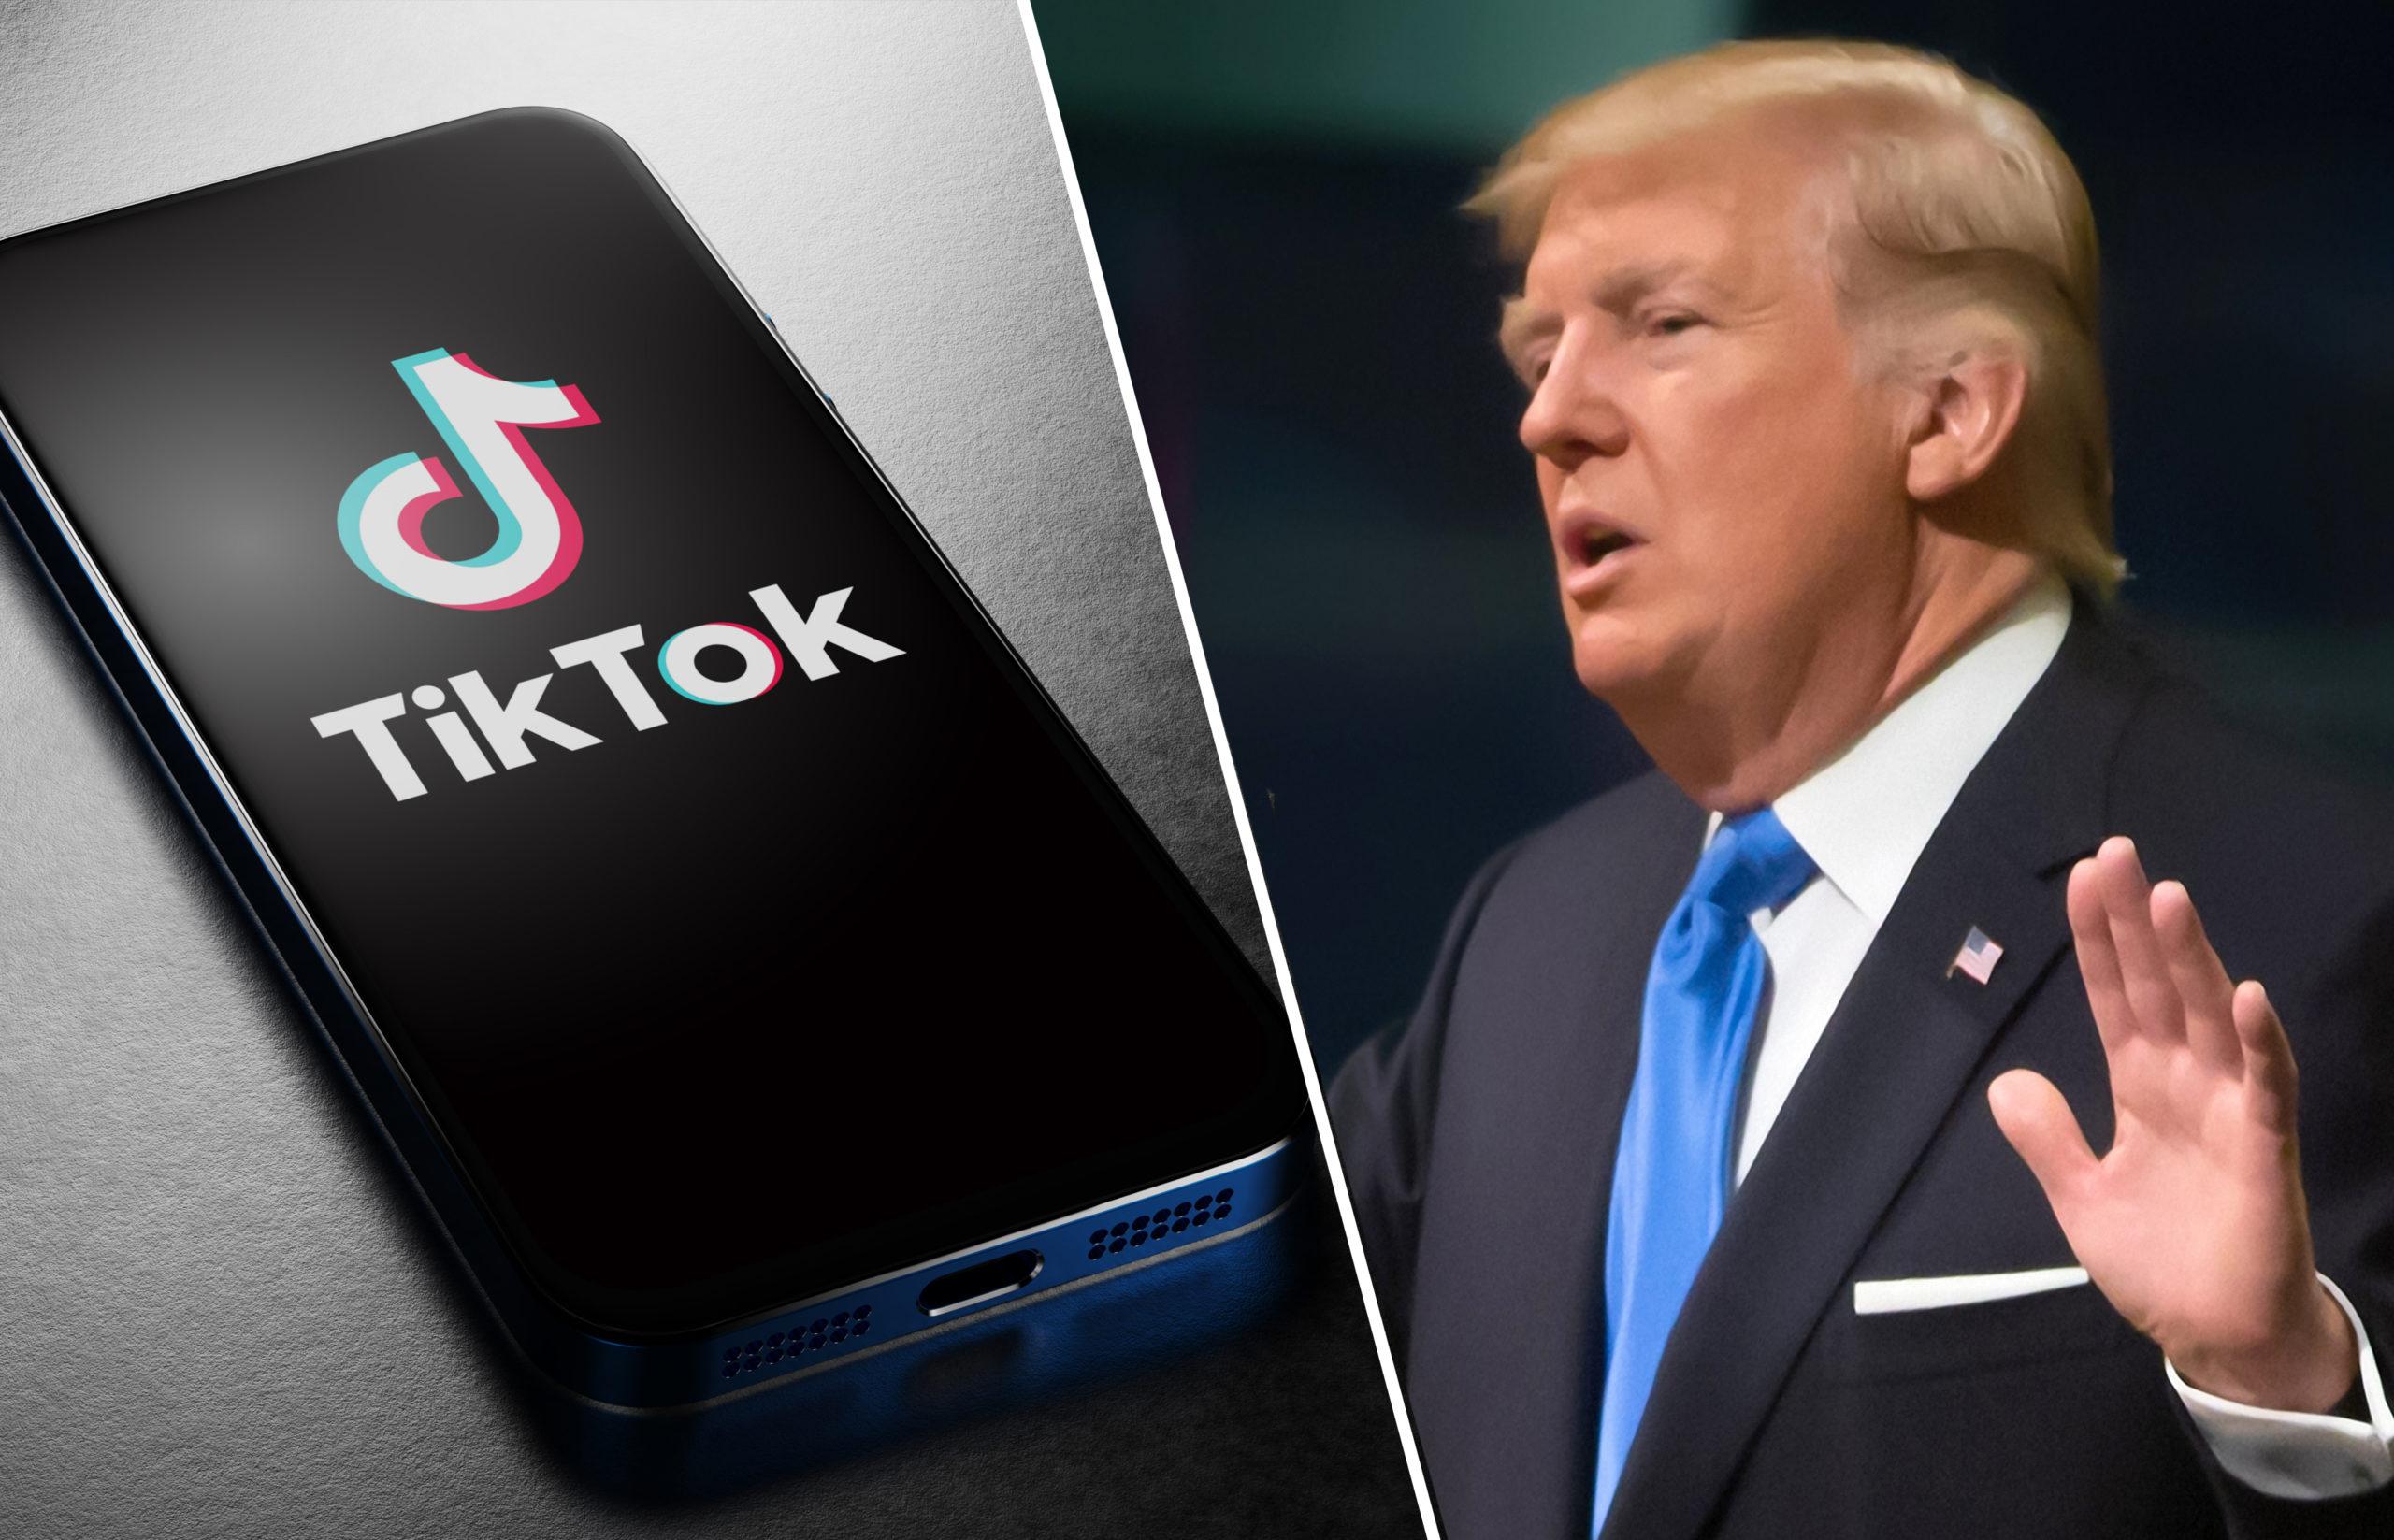 Neuer Tiktok-Deal erhält Zustimmung von Trump